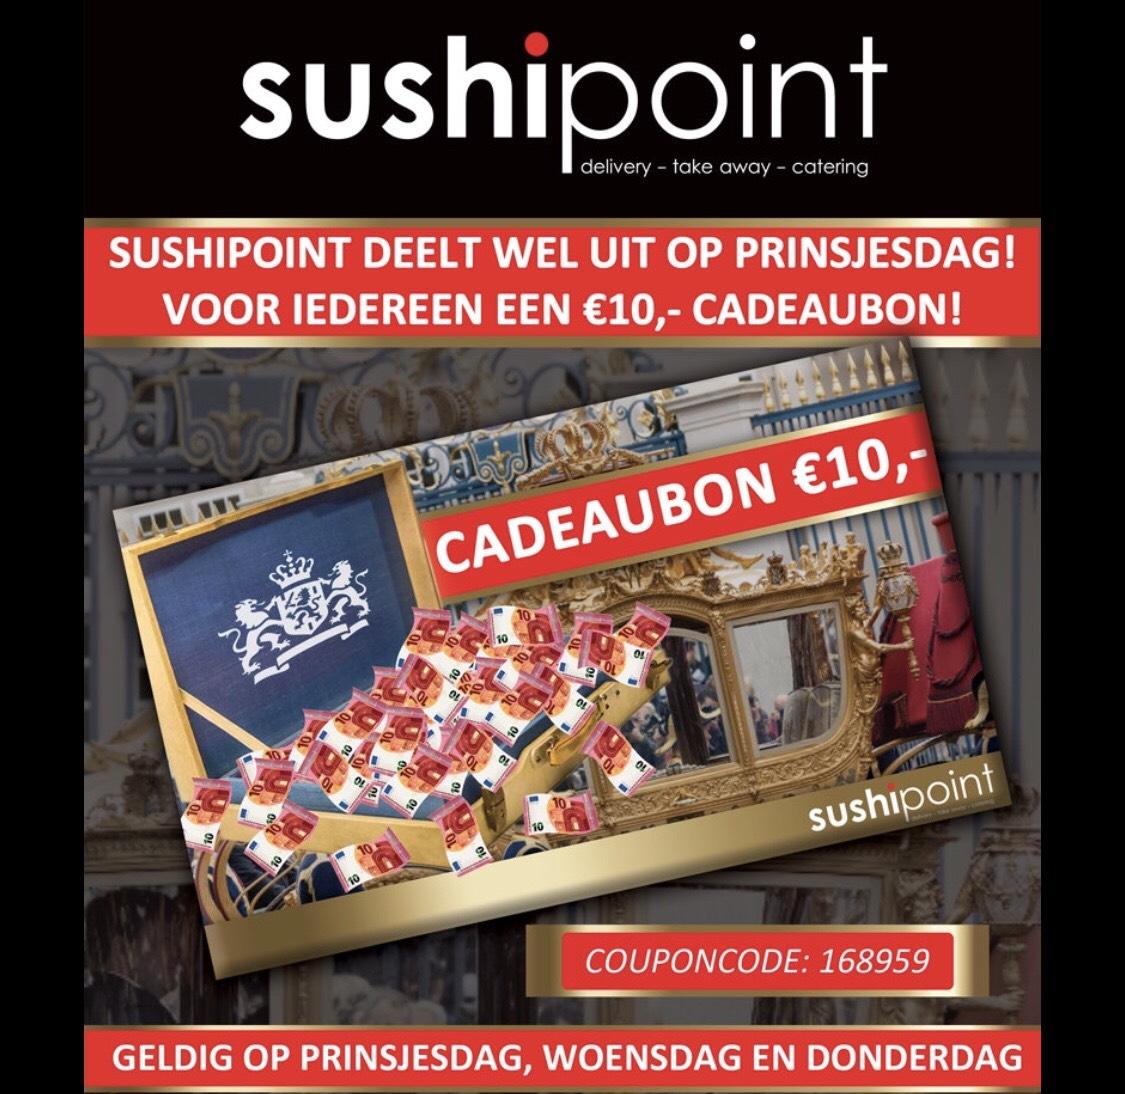 10,- euro korting @sushipoint (landelijke actie)